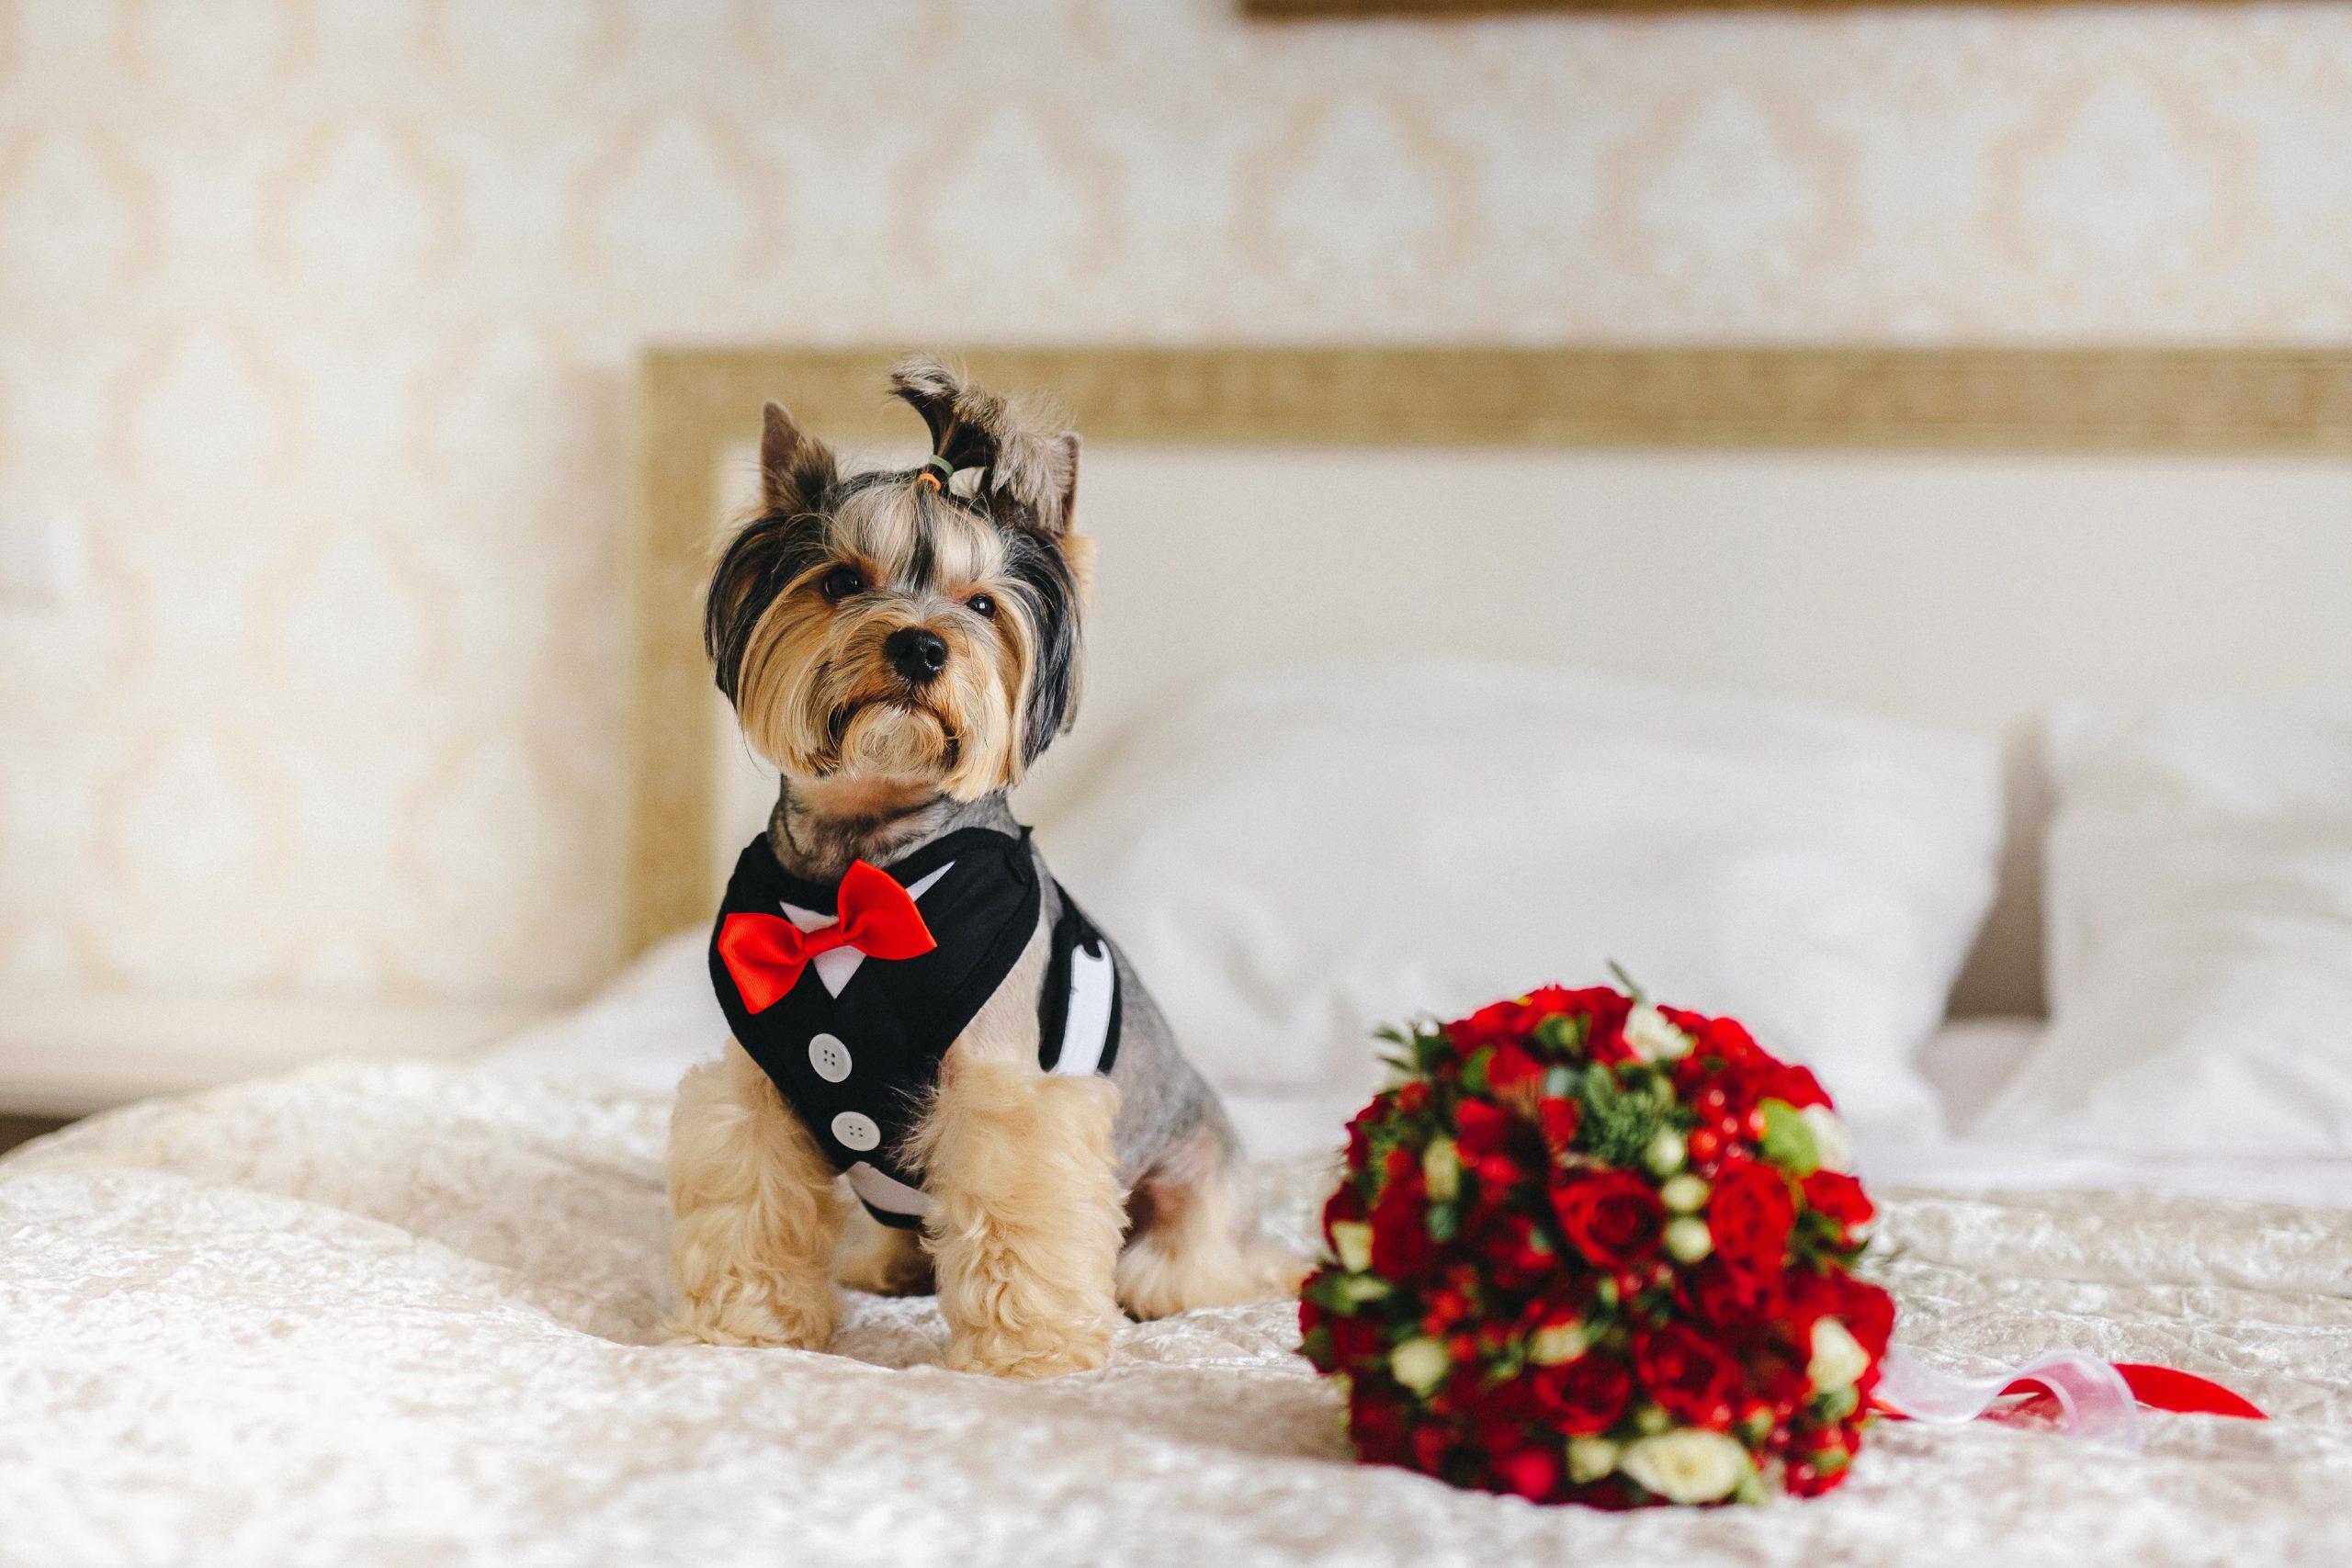 Miglior vestito per cani 2020: Guida all'acquisto